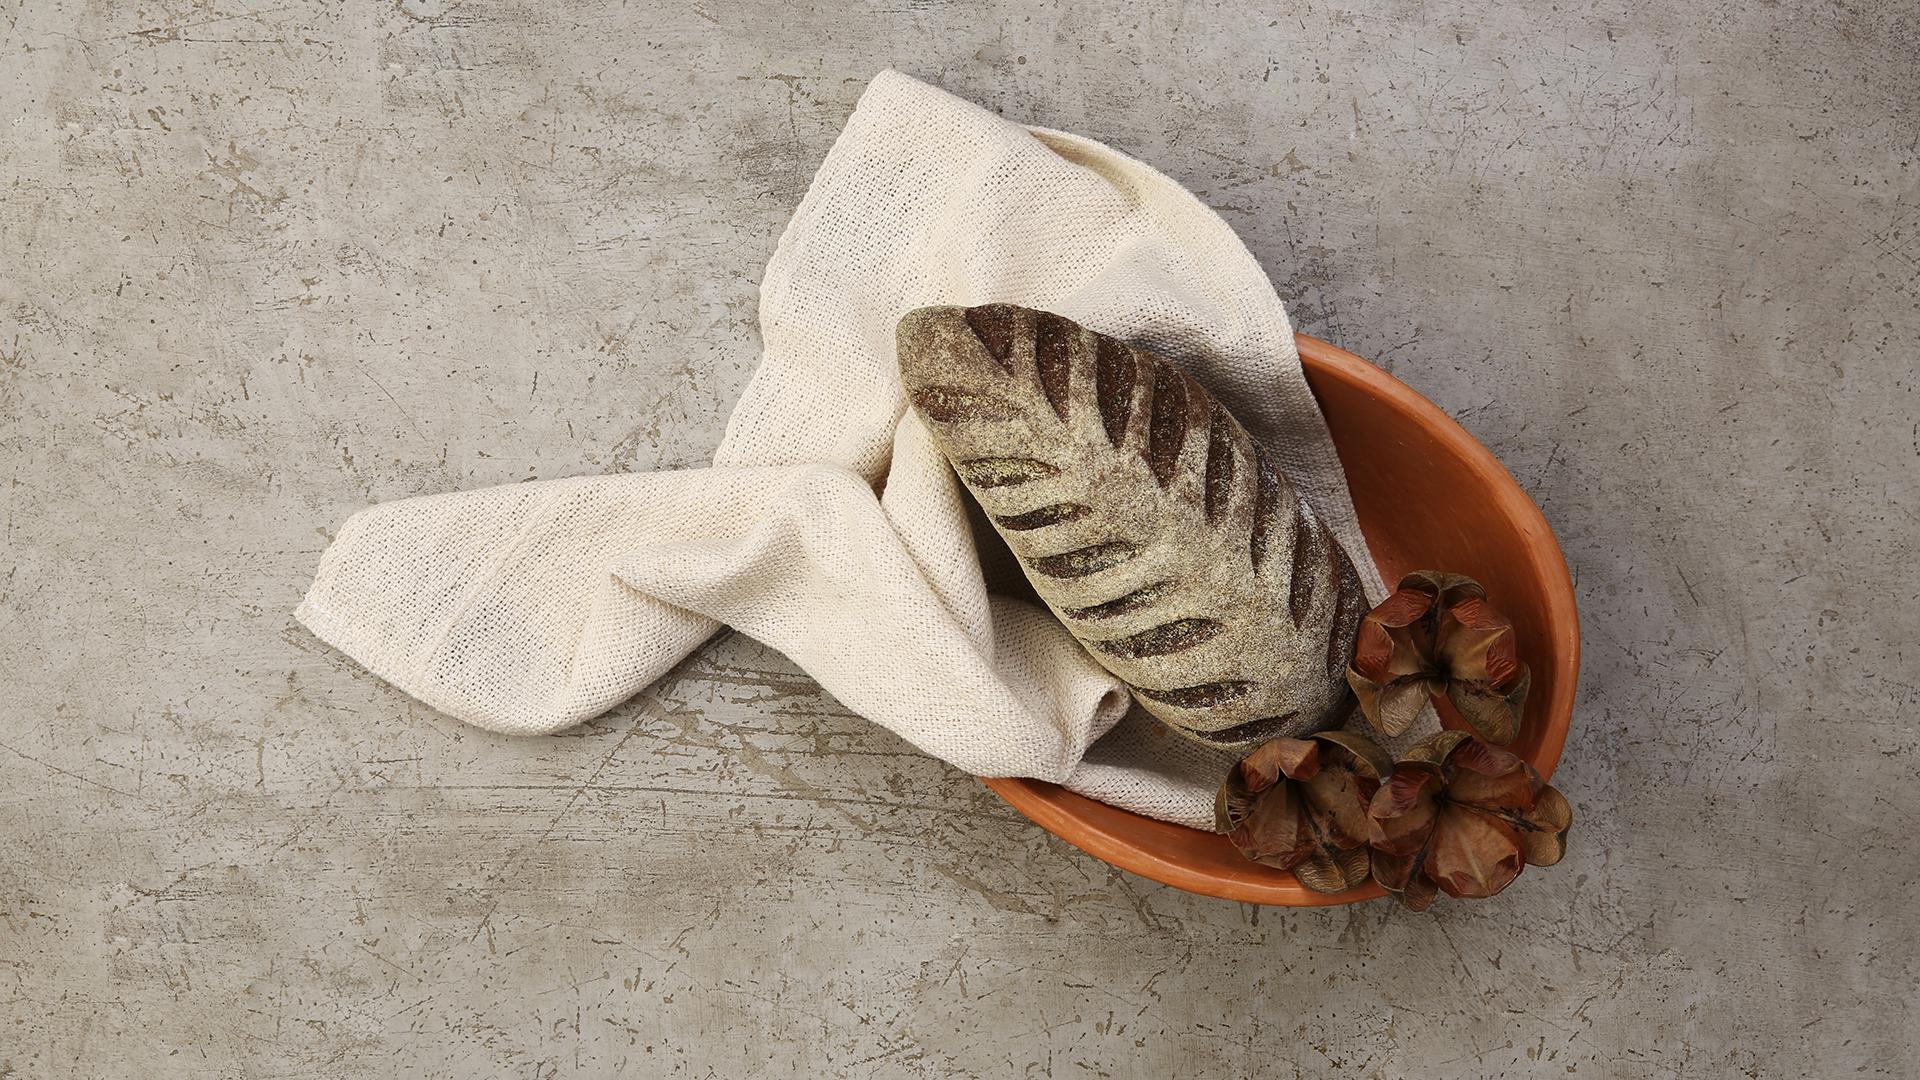 03-Reconceito-casa-travessa-ceramica-barro-rustica-pano-algodão-cru-banner